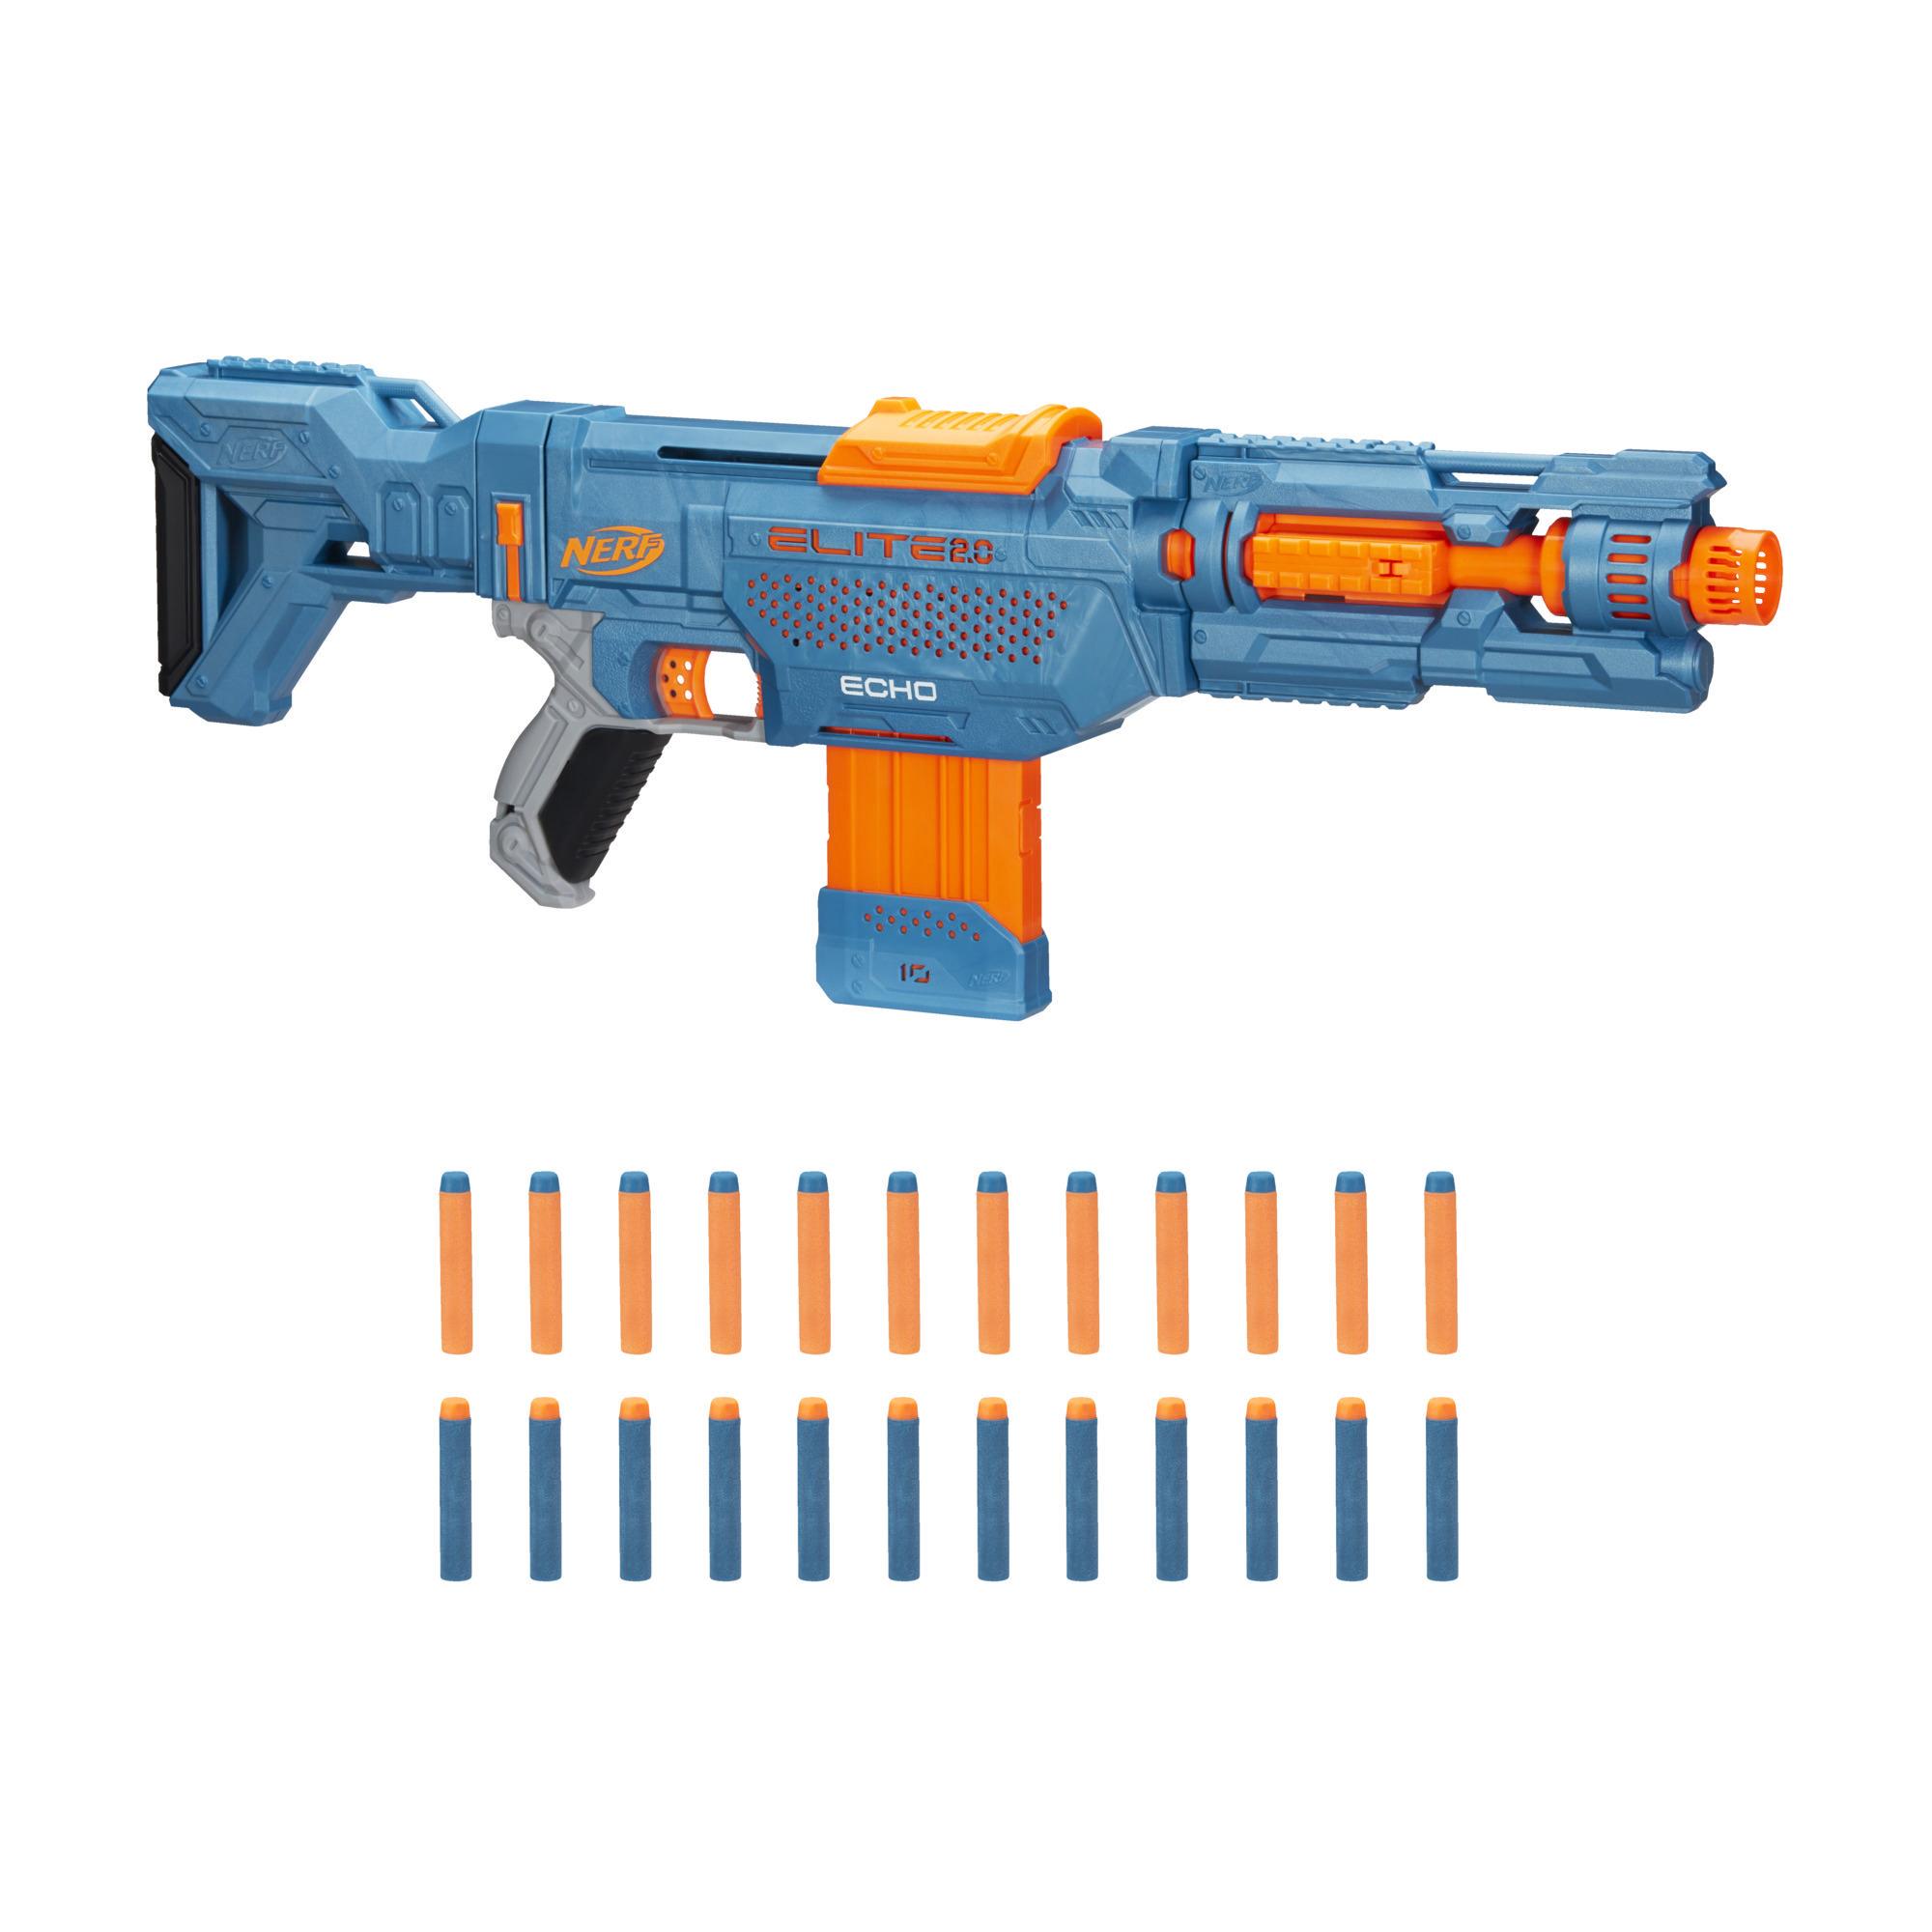 Nerf Elite 2.0, blaster Echo CS-10, 24 fléchettes Nerf, chargeur 10 fléchettes, crosse amovible et rallonge de canon, 4 rails tactiques